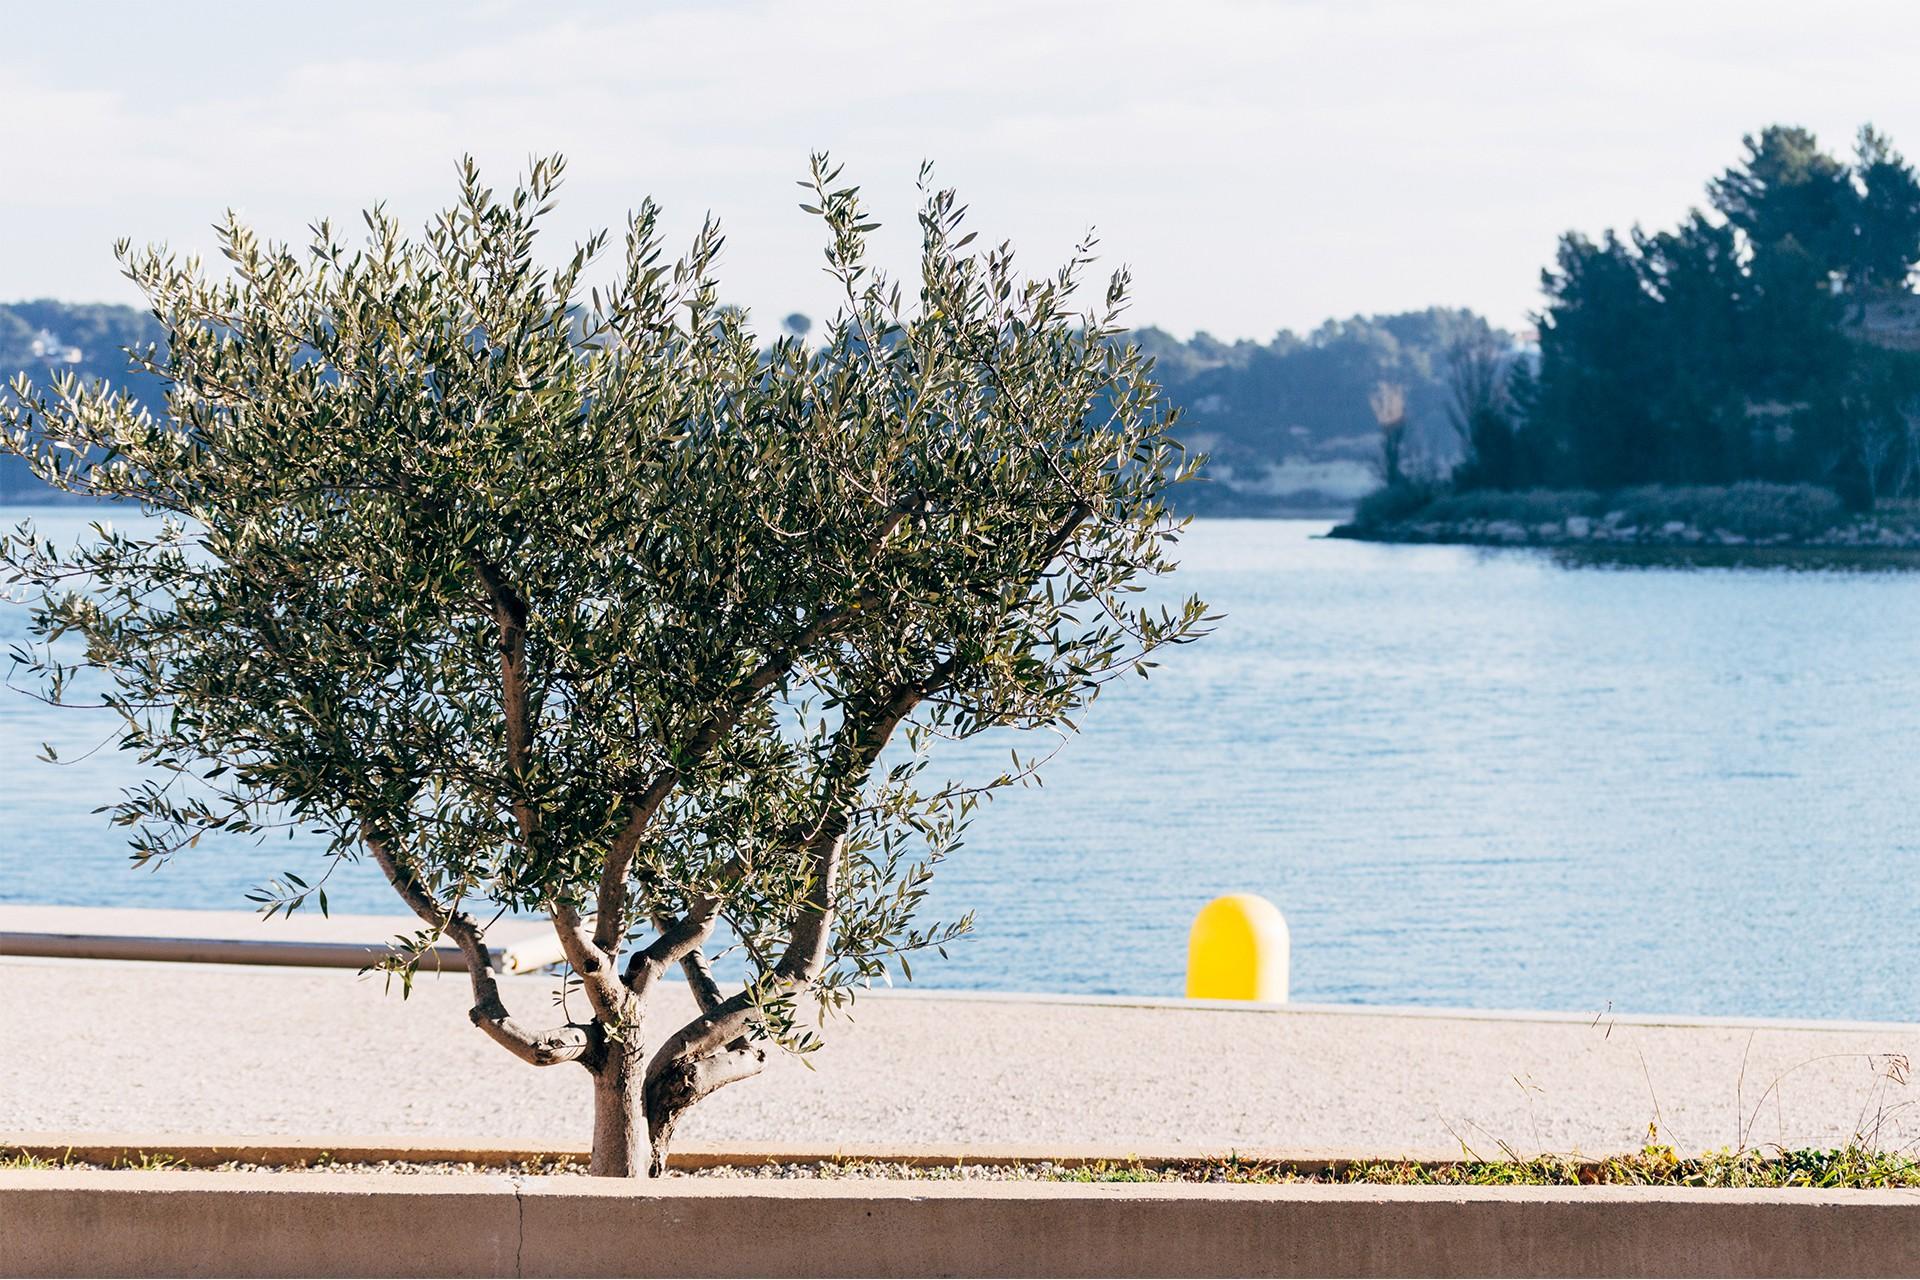 etang-de-l-olivier-tbc-2625